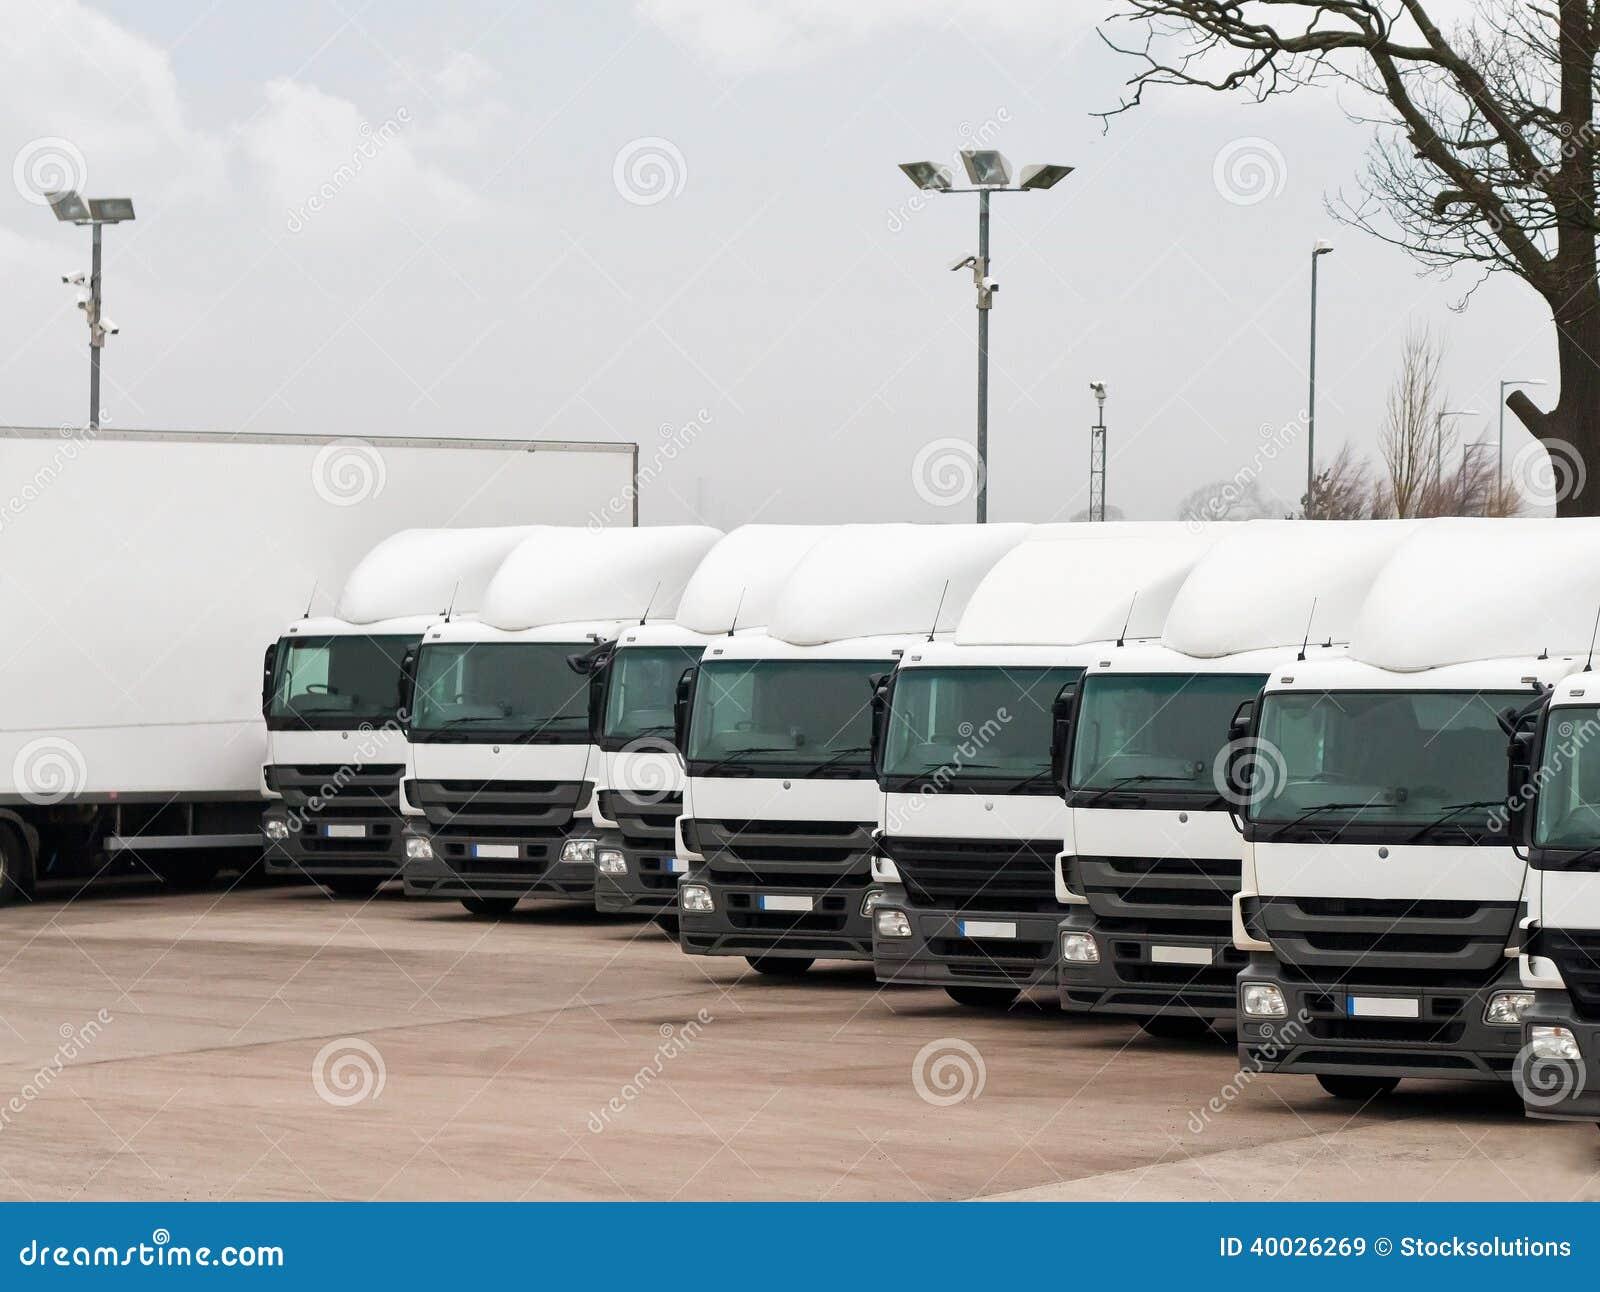 Fleet lorries